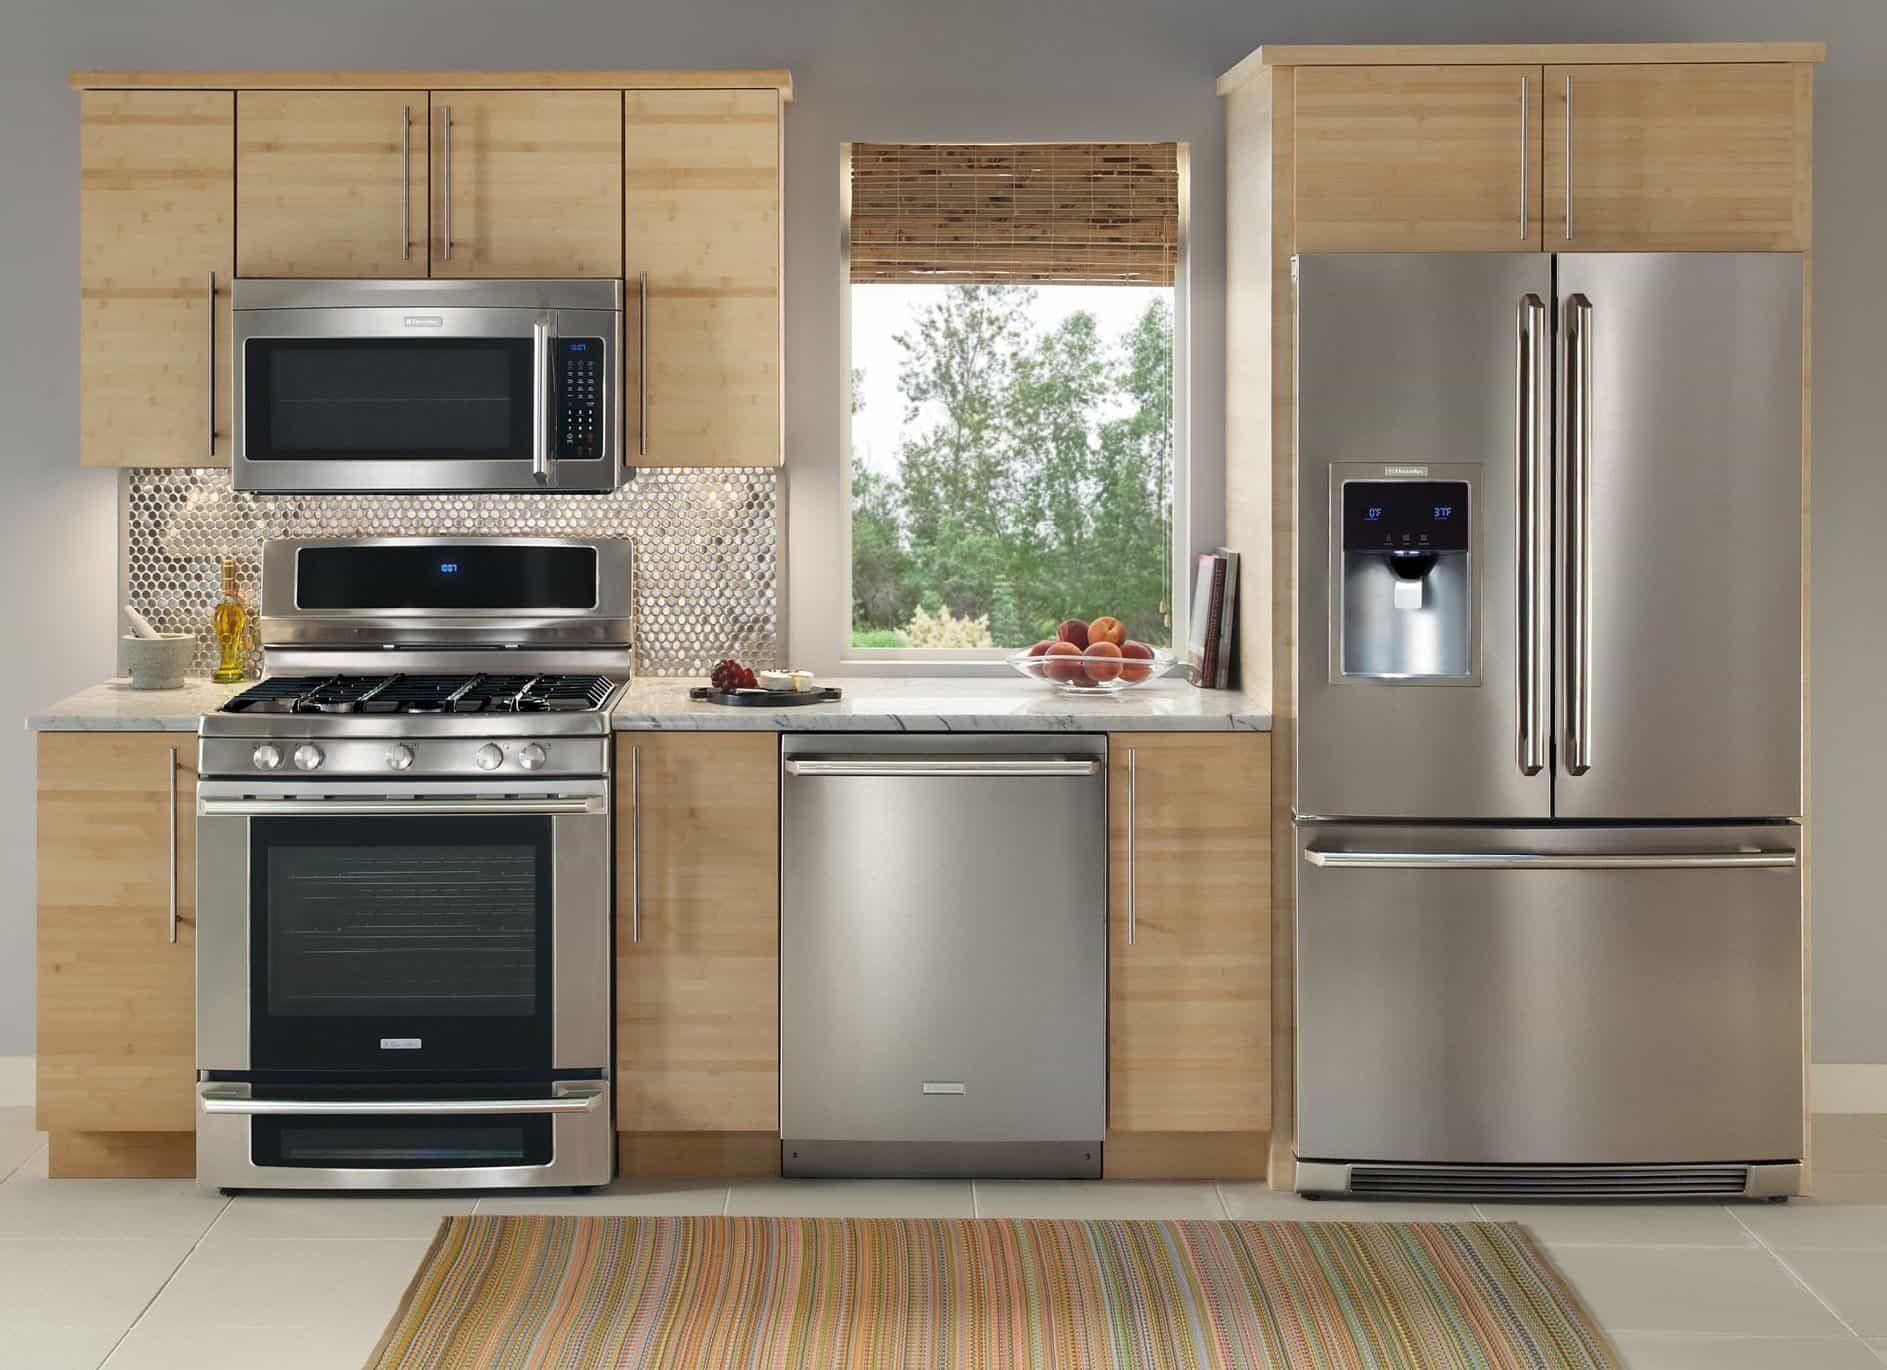 Langlebige Und Beliebte Edelstahl Kuchengerate Denken Sie Daran Einheitlic Kitchen Appliance Set Stainless Steel Kitchen Appliances Kitchen Appliance Packages